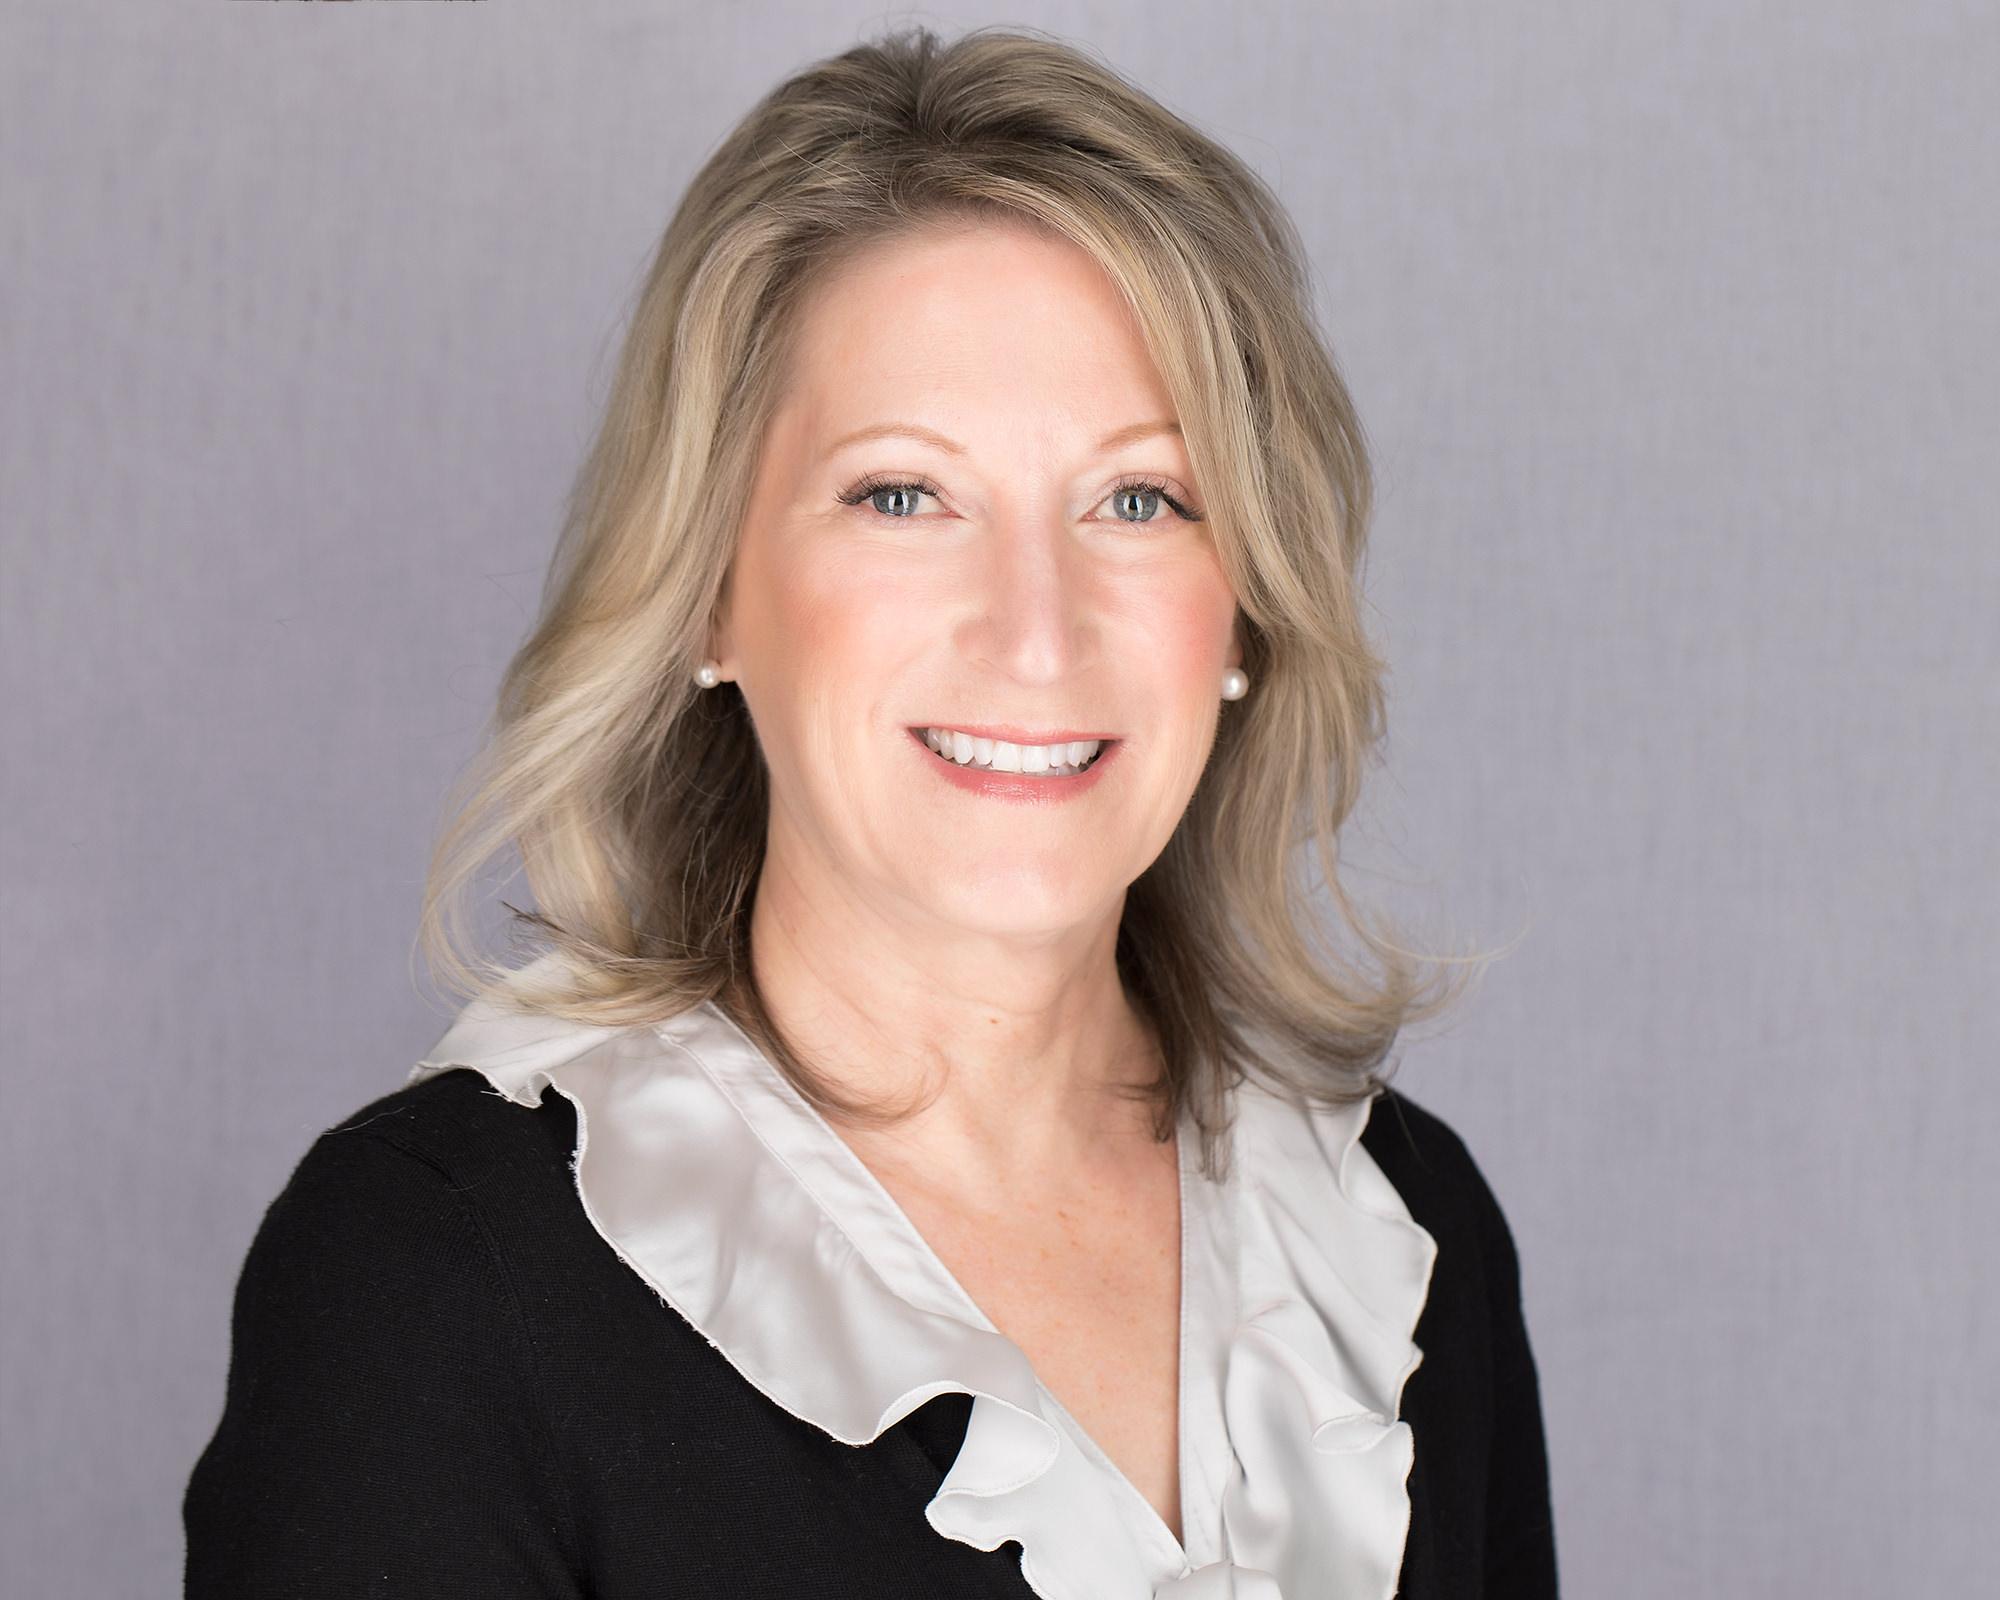 Lori Rago